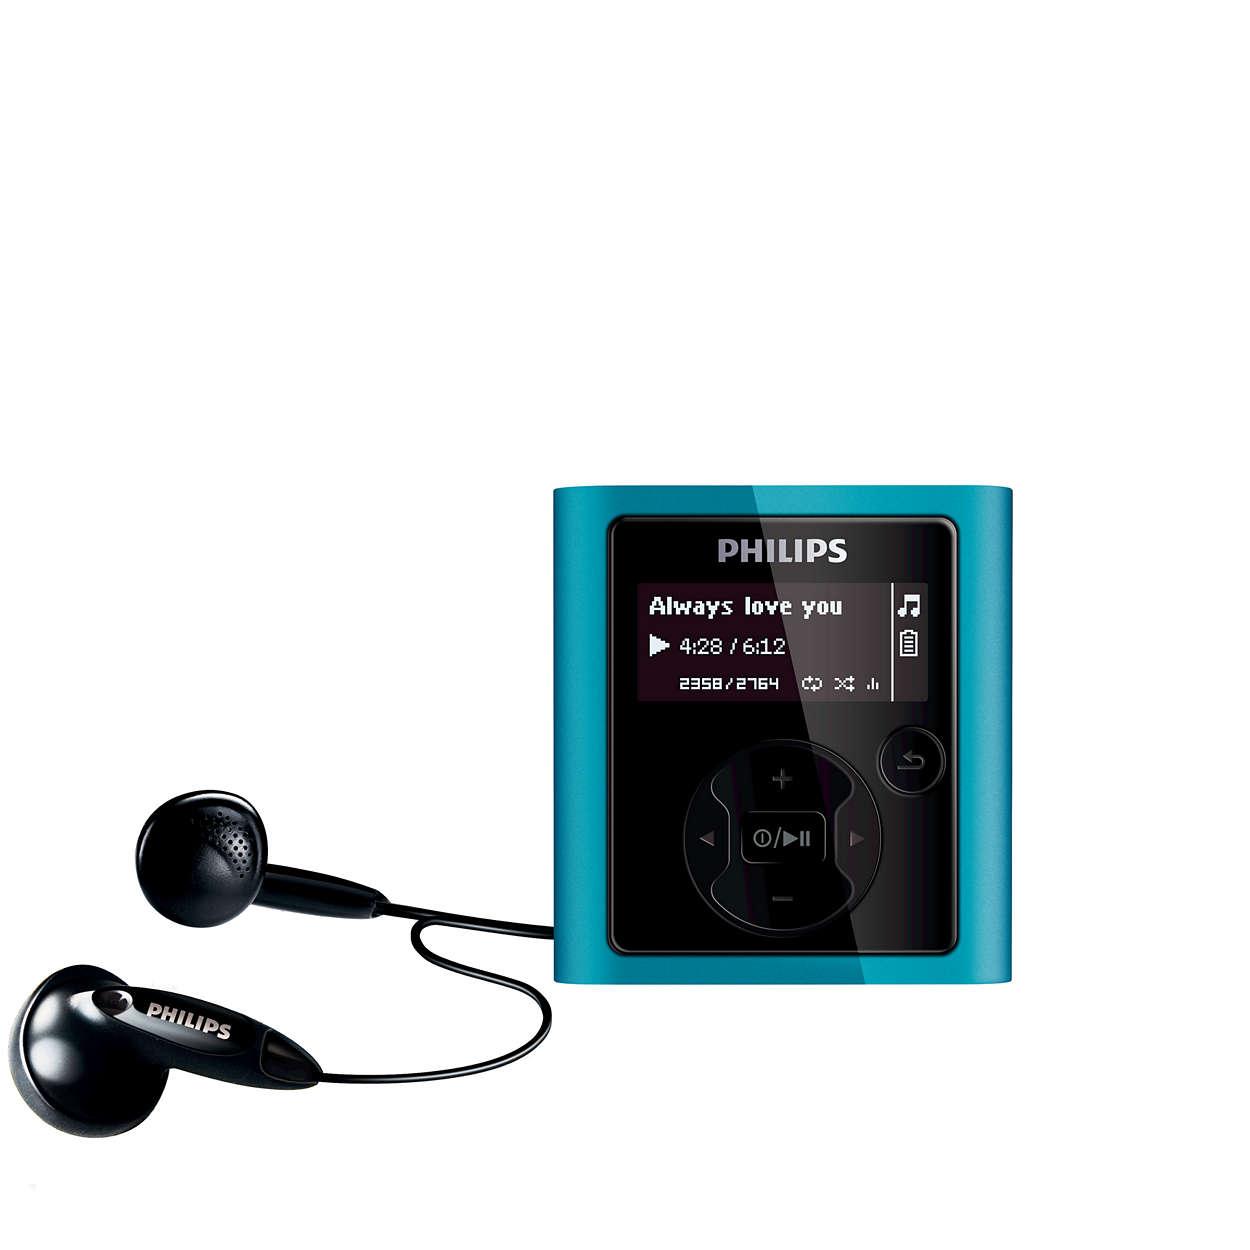 언제든지 즐길 수 있는 디지털 음악